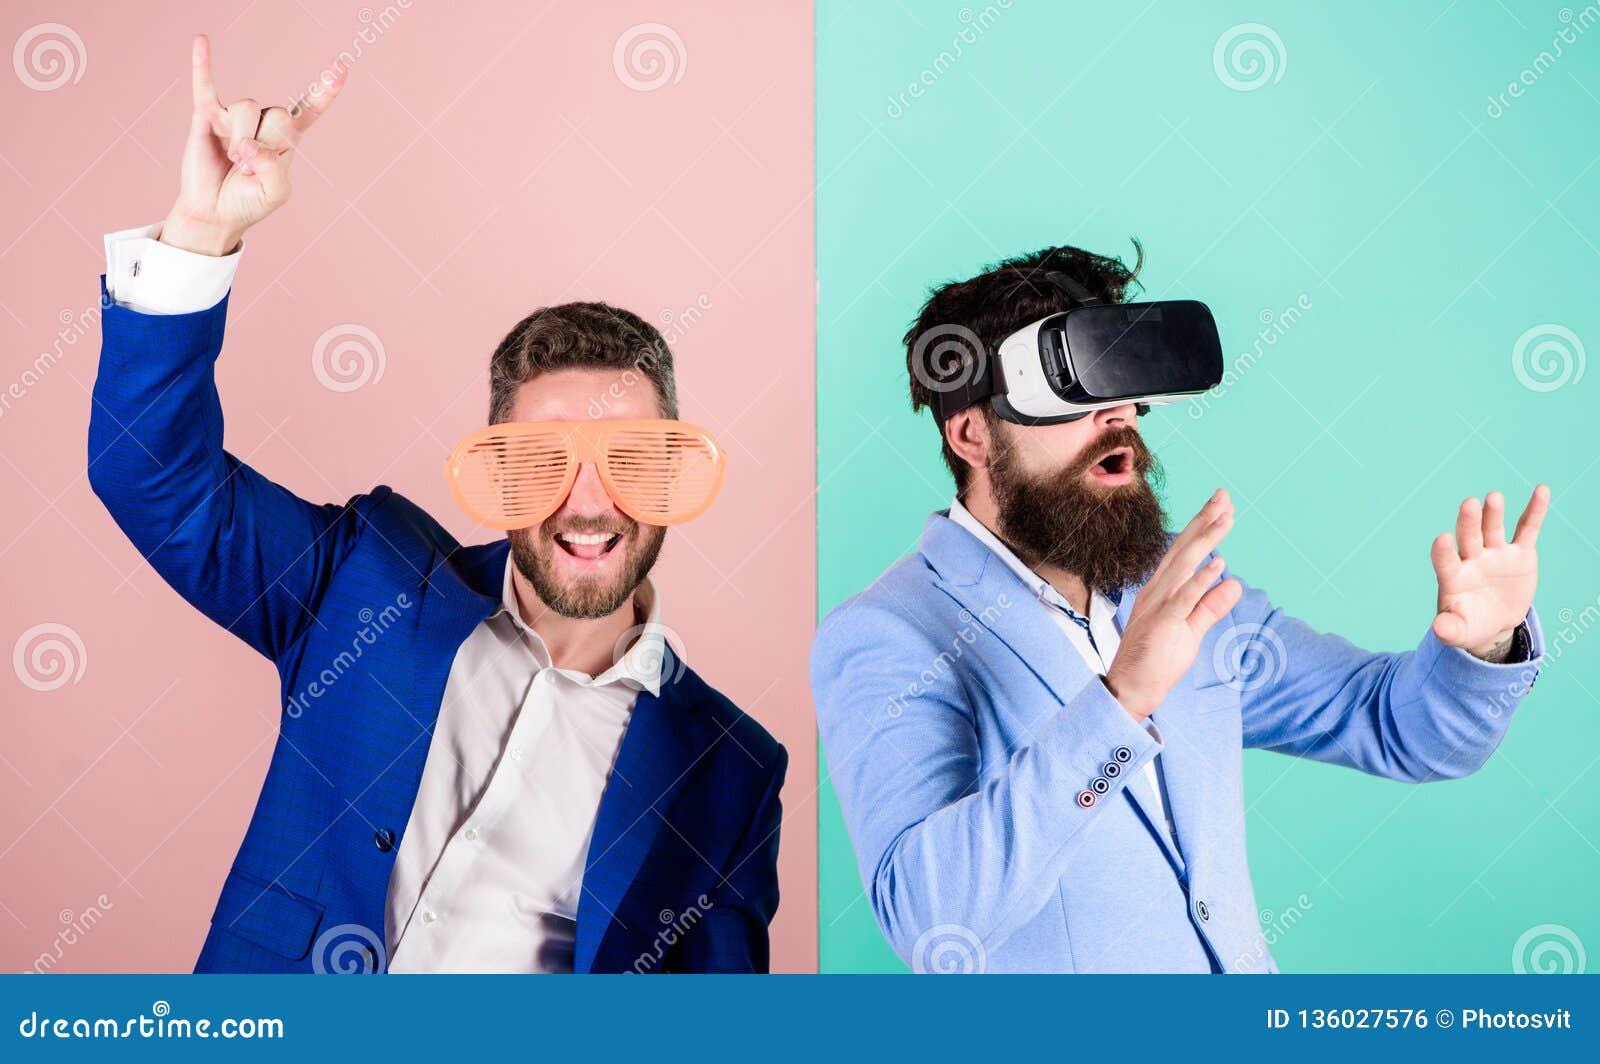 Divertimento real e alternativa virtual Homem com a barba em vidros de VR e no acessório plástico louvered O indivíduo interage e